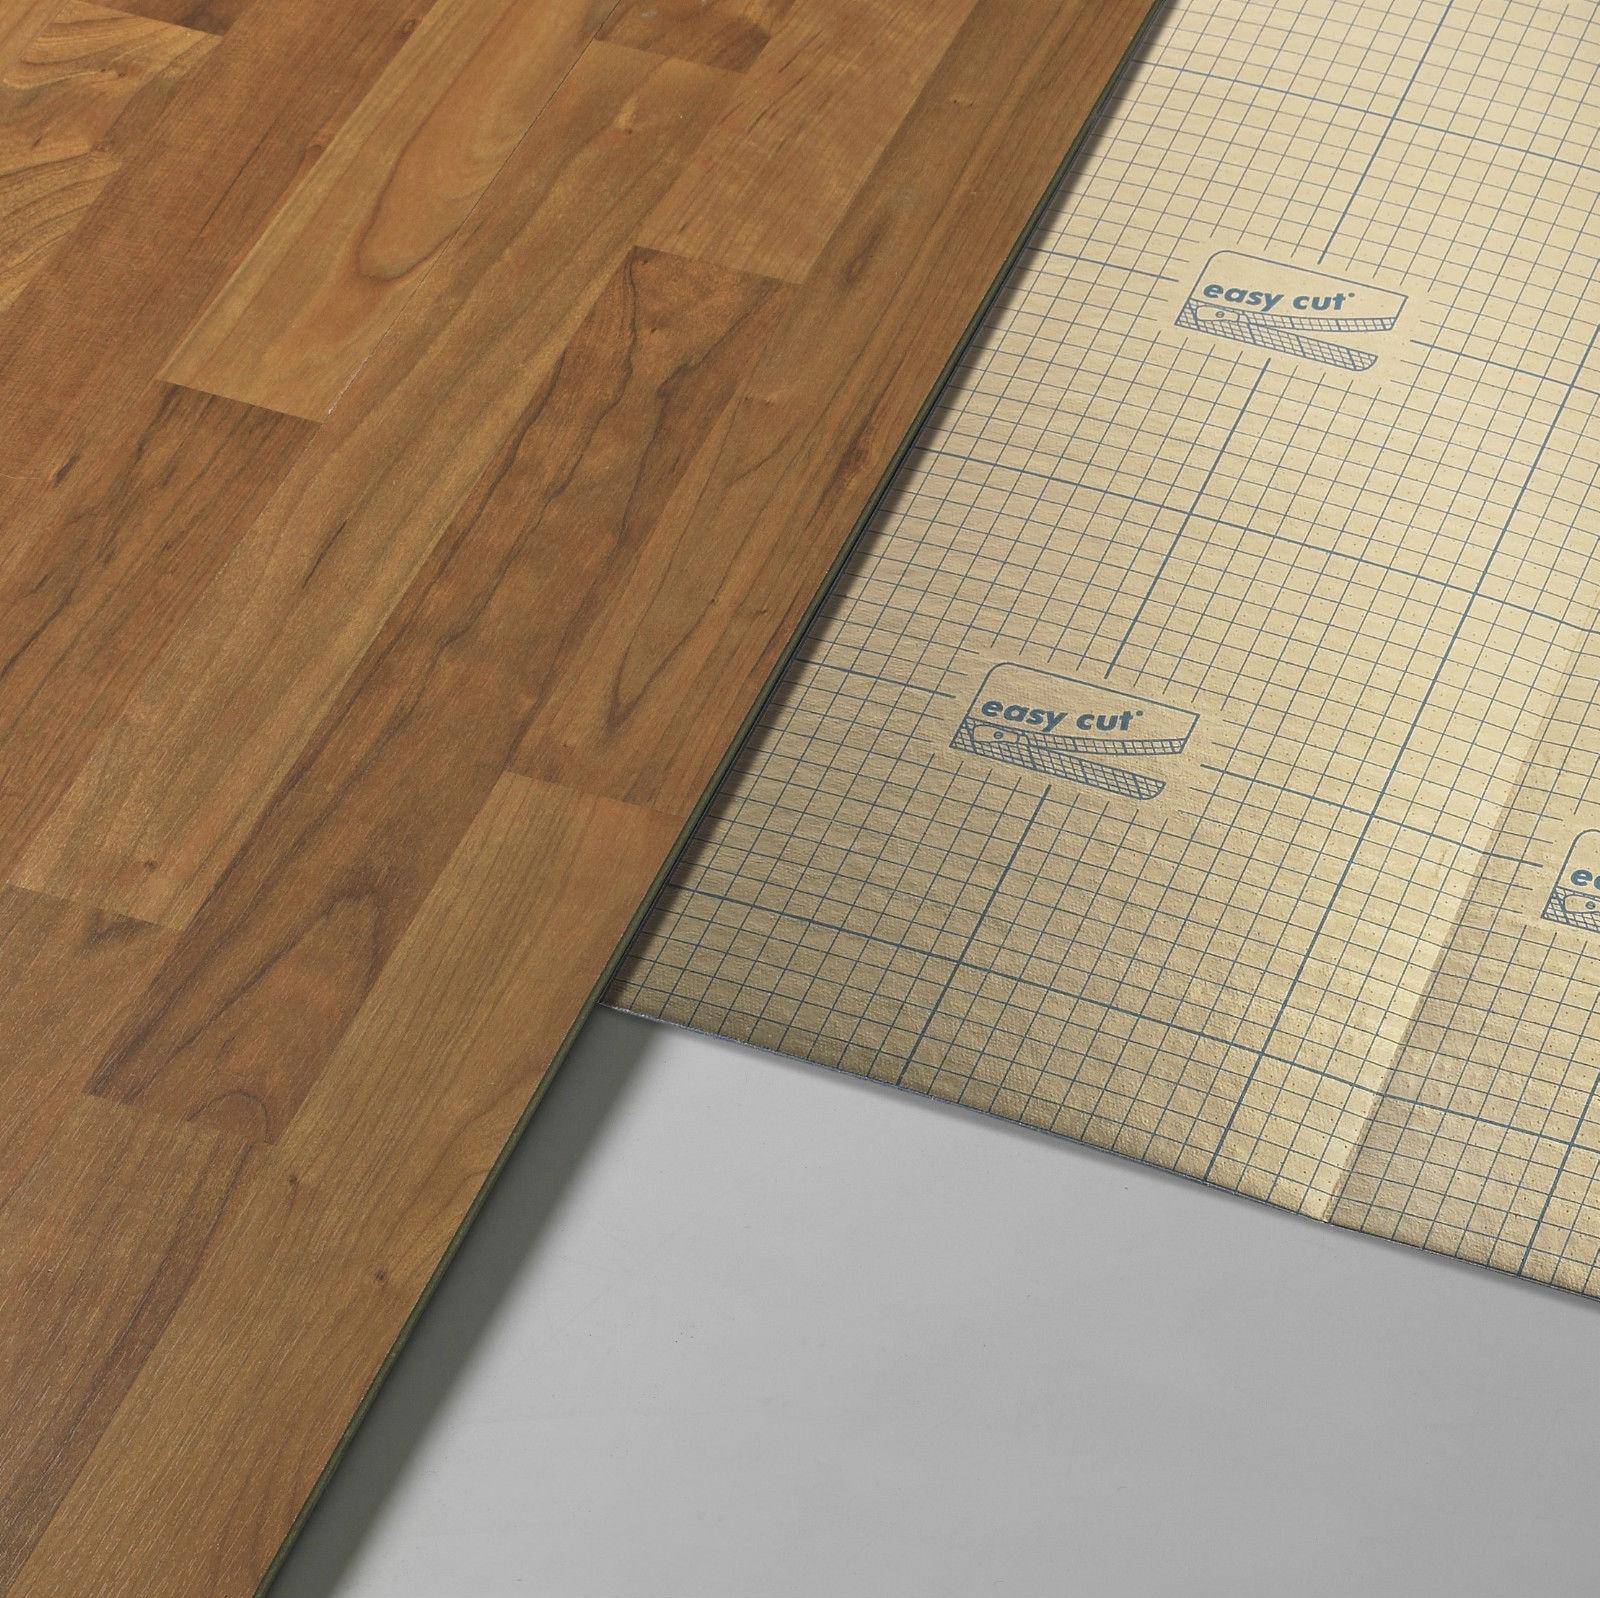 hori vinylboden pvc klick boden eiche havanna landhausdiele dämmung